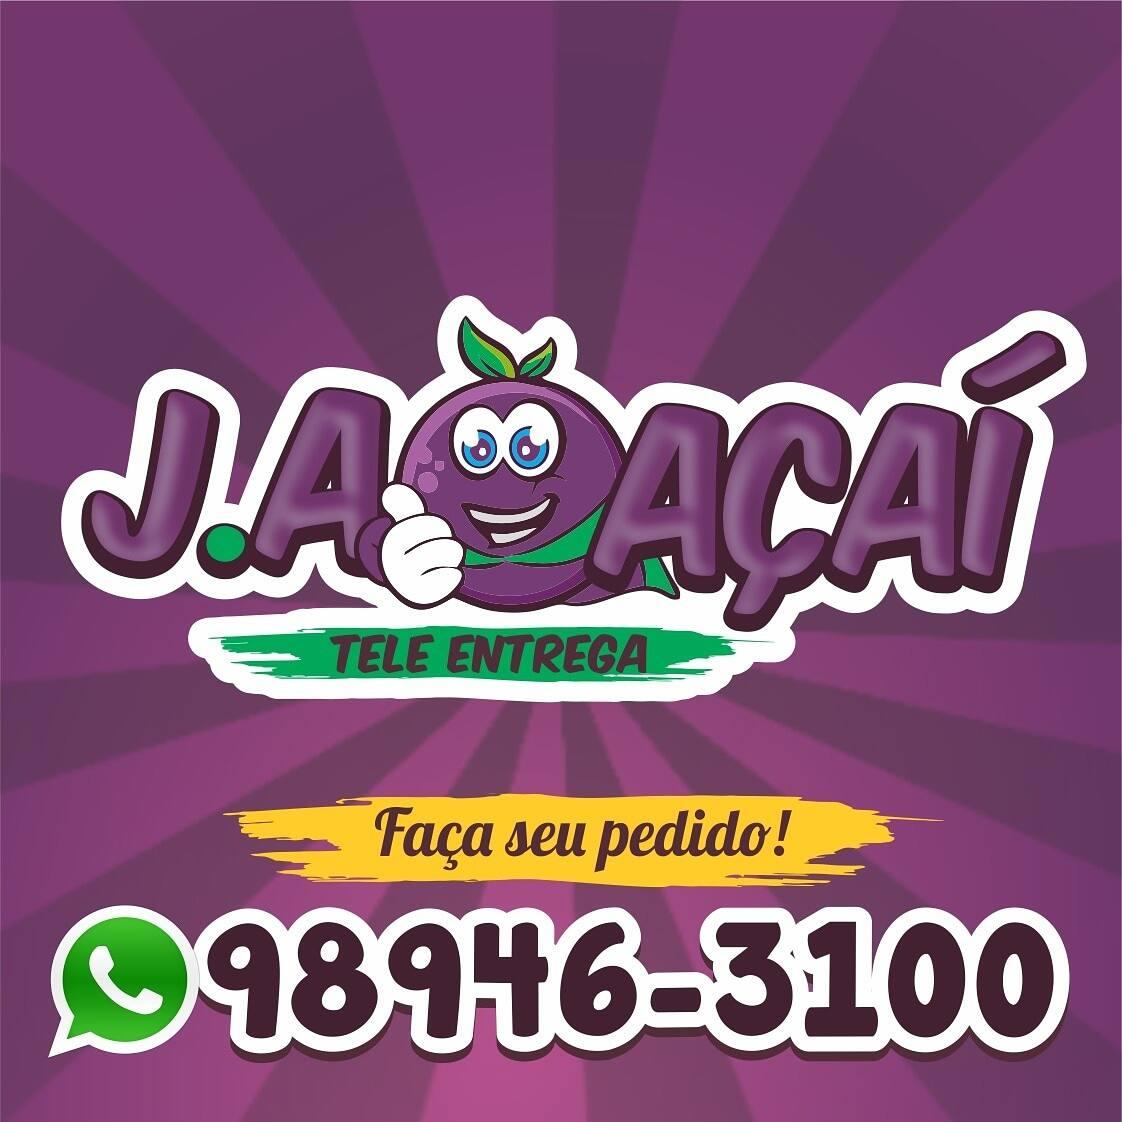 J.a Açaí